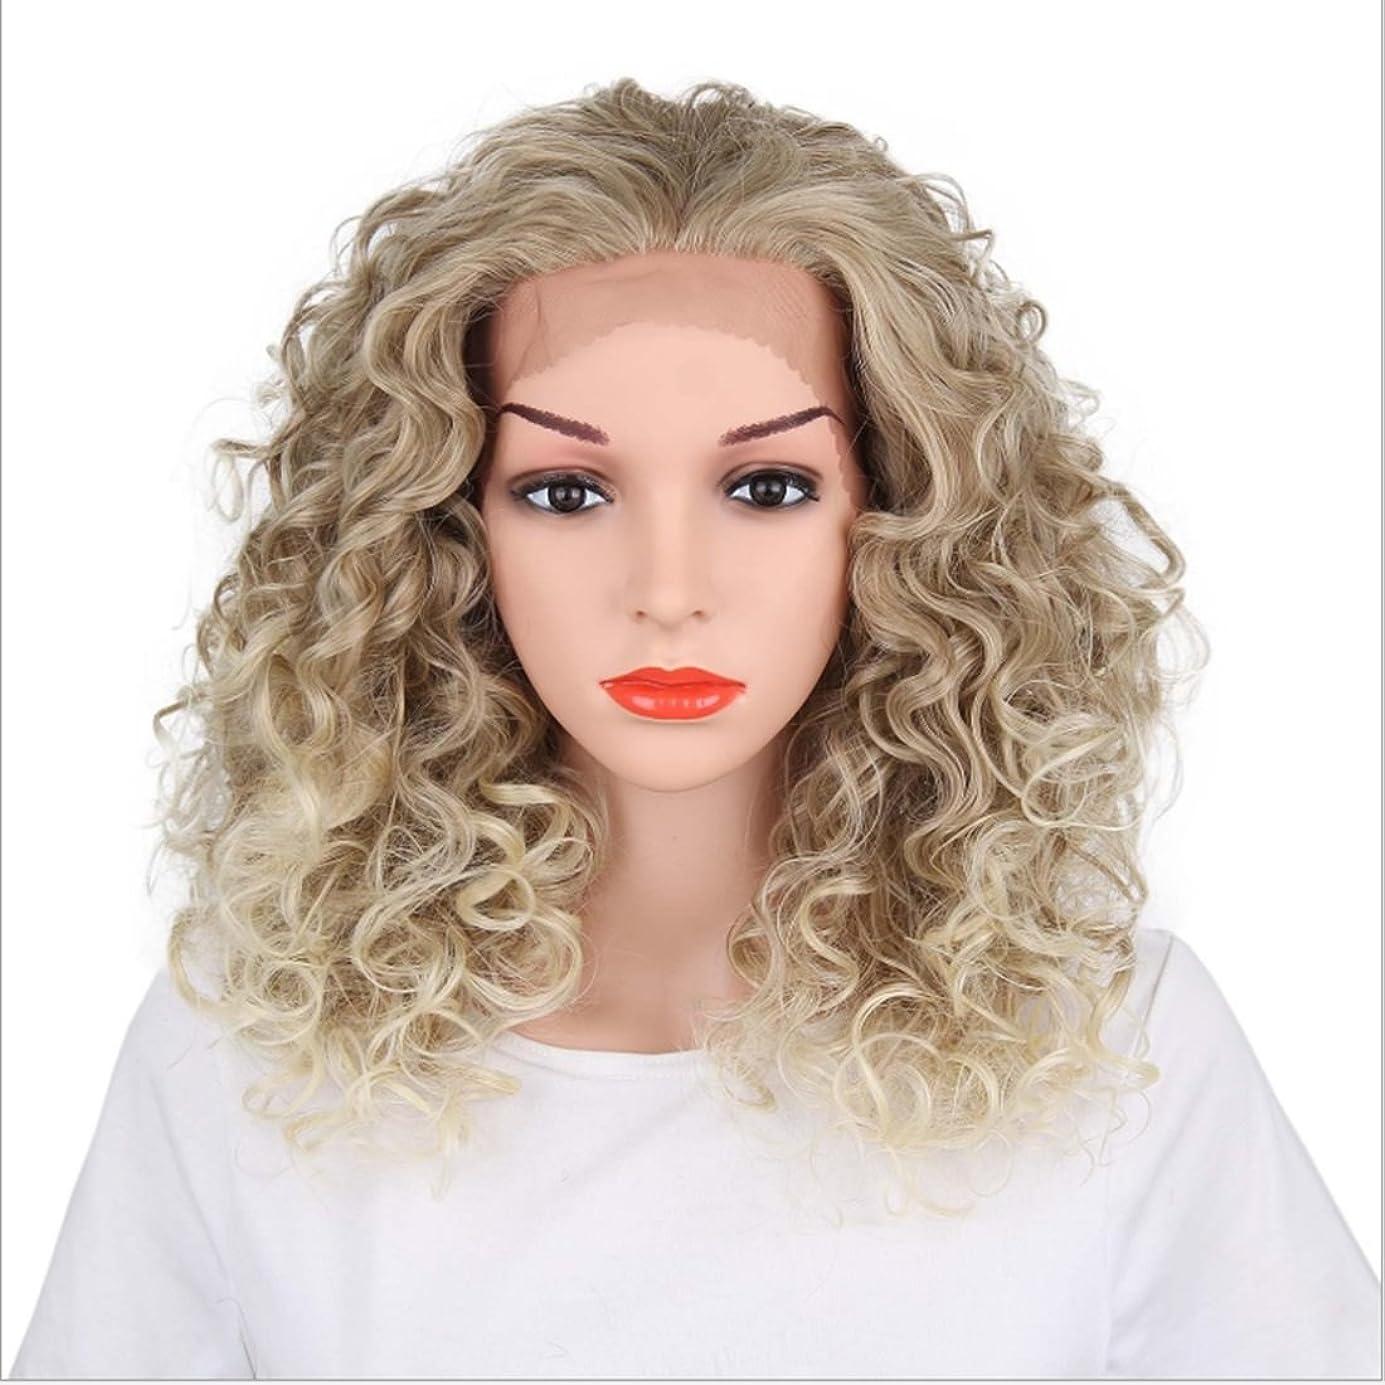 うなる酔った不幸JIANFU 350g長いひざまずいている人間の毛のレースのフロントウィッグヨーロッパとアメリカの女性のための毛のウィッグロングバンズレースのヘアヘッダで自然なシルバーホワイト化学繊維のかつら (Color : Silver)